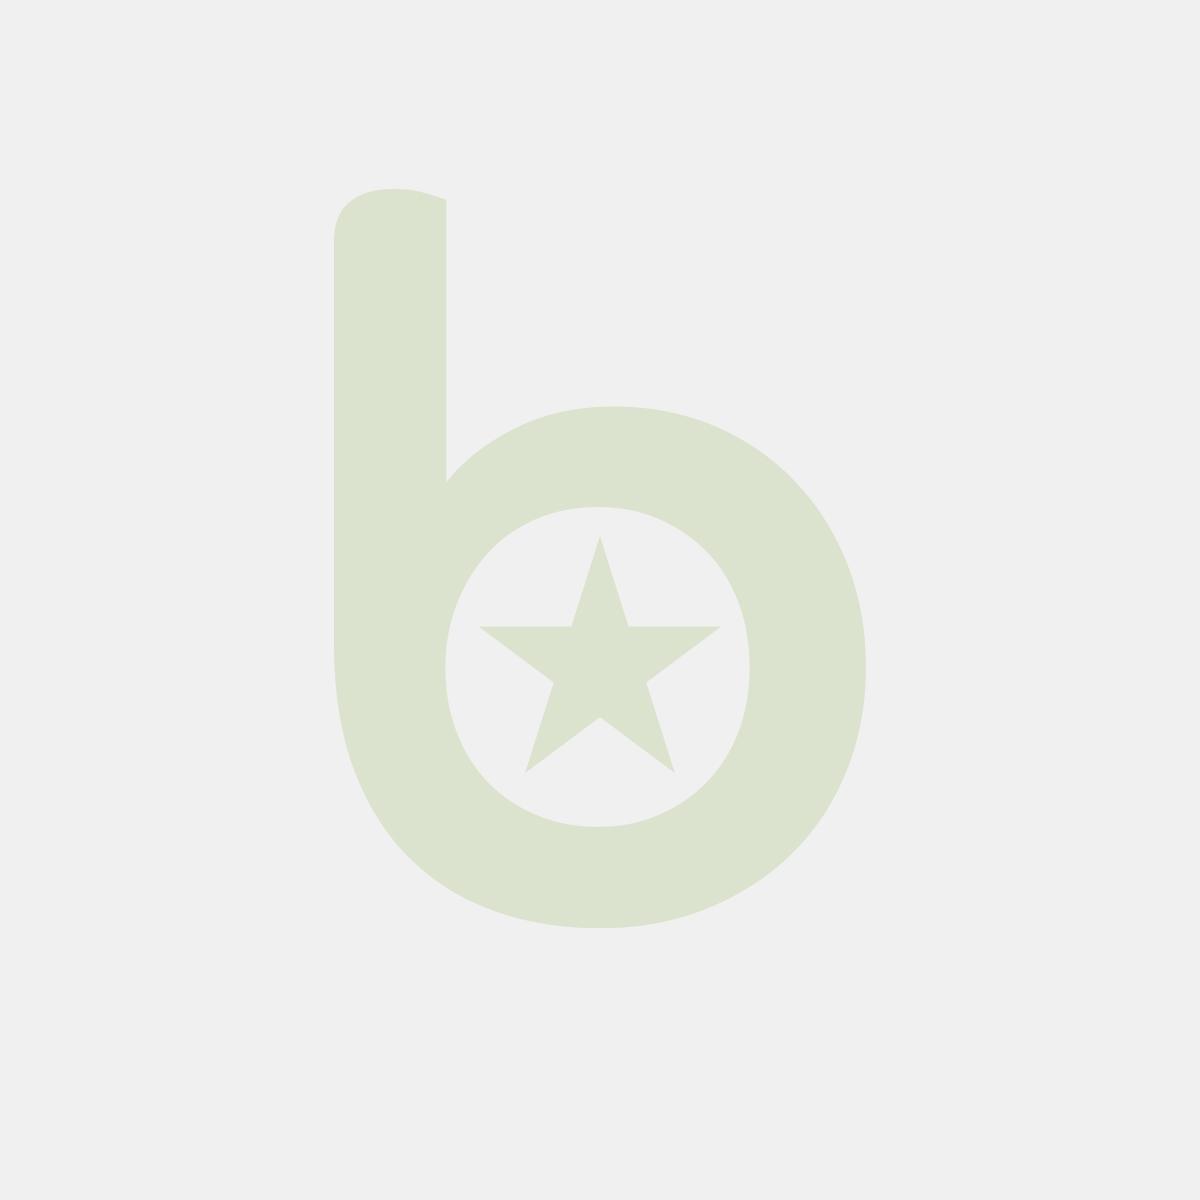 Zszywacz KANGARO Mini-10/Y2+zszywki, zszywa do 10 kartek, blister, zielony